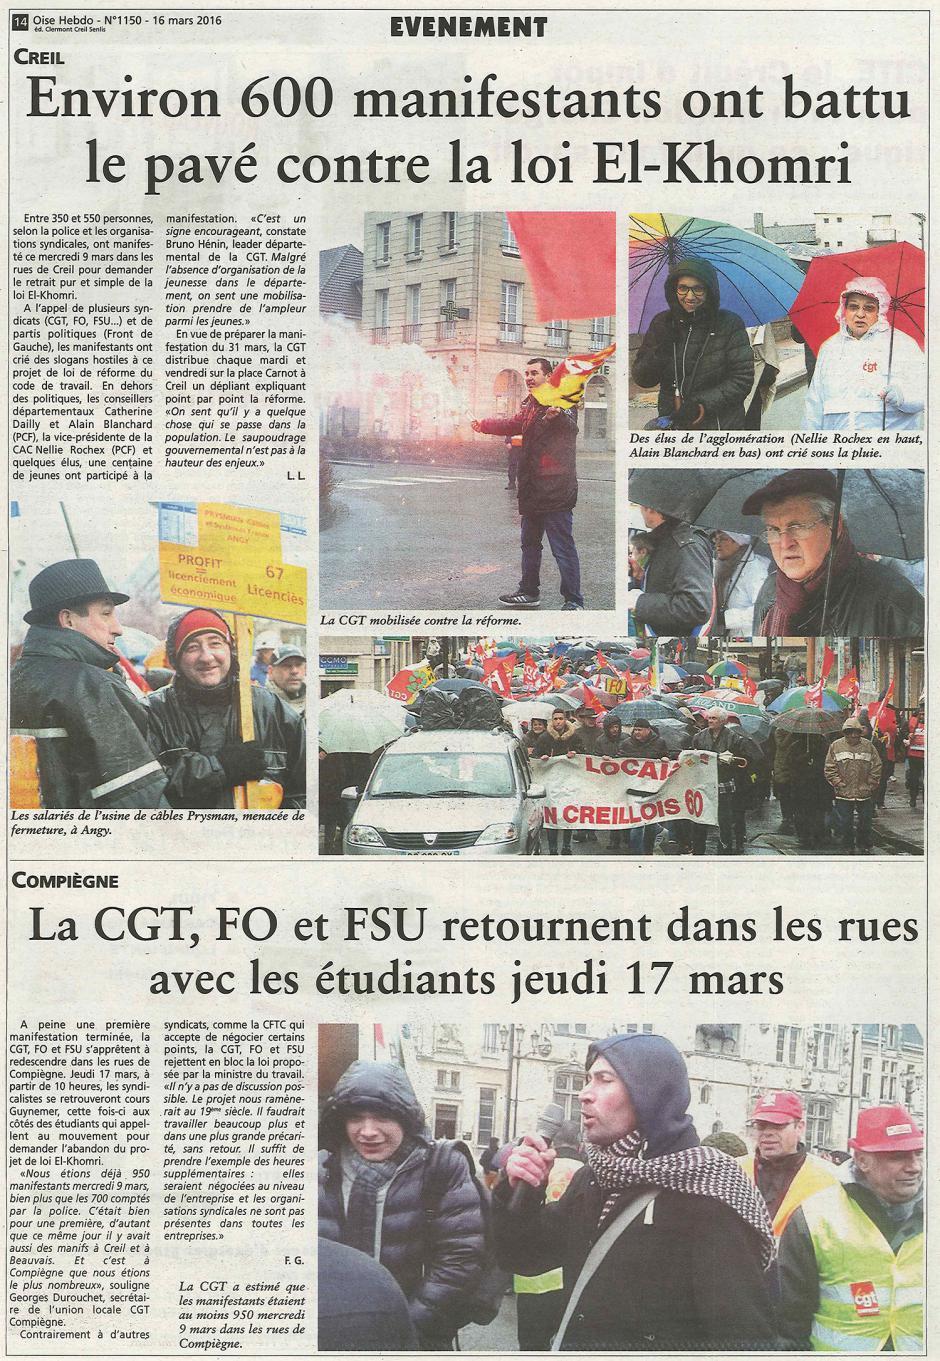 20160316-OH-Compiègne-Creil-Manifestations contre le projet de loi El Khomri